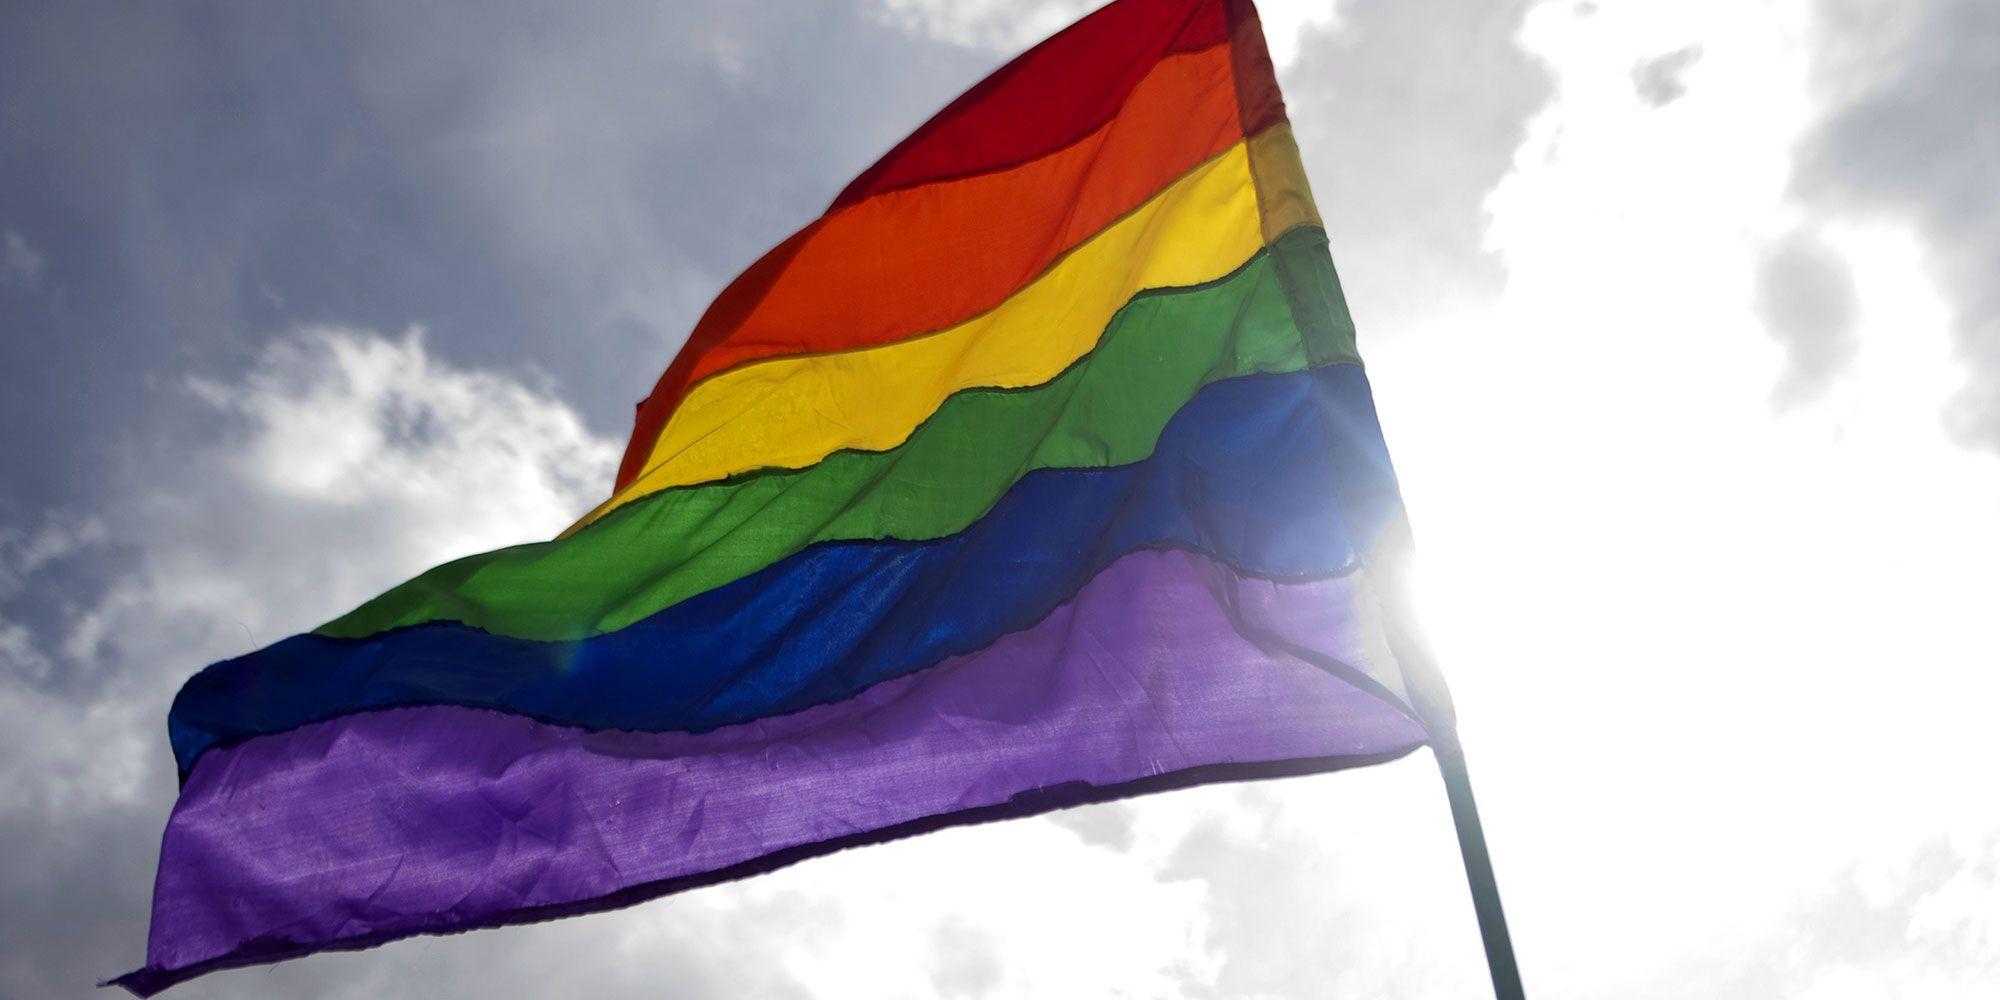 <p><strong>Perché proprio il colore viola?</strong> Tutto parte dalla bandiera rainbow (che ha 6 colori, e non 7 come quella della pace), che è quella del movimento Lgbt in tutto il mondo. Secondo l'ideatore della bandiera, l'artista statunitense Gilbert Baker, il colore viola che costituisce l'ultima banda in basso della bandiera rappresenta lo spirito. Quello spirito che deve essere libero di esprimersi come meglio crede e non dev'essere vessato da bullismo.</p>